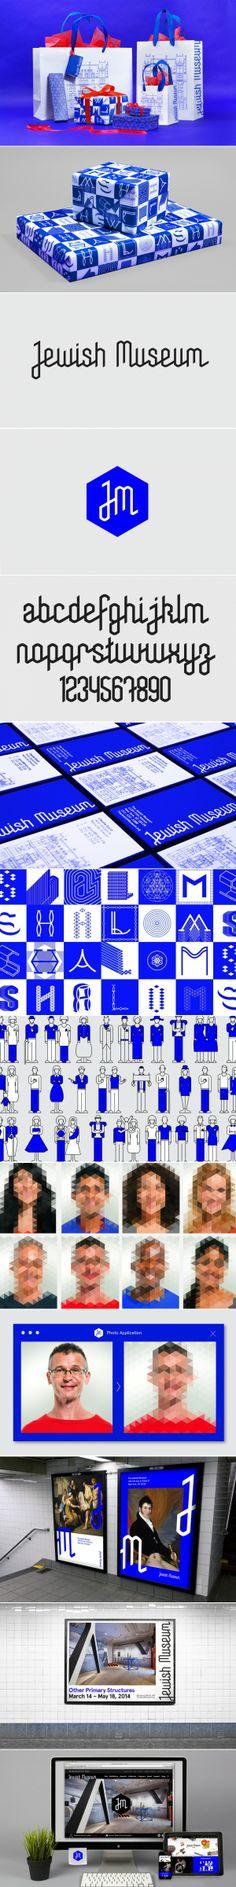 Jewish Museum by Sagmeister & Walsh. Sistema muy interesante desde el lenguaje que plantea y su apertura a lo largo del sistema. También es interesante la modulación del espacio que ofrecen los elementos que componen al sistema. Cromáticamente resulta cerrado.